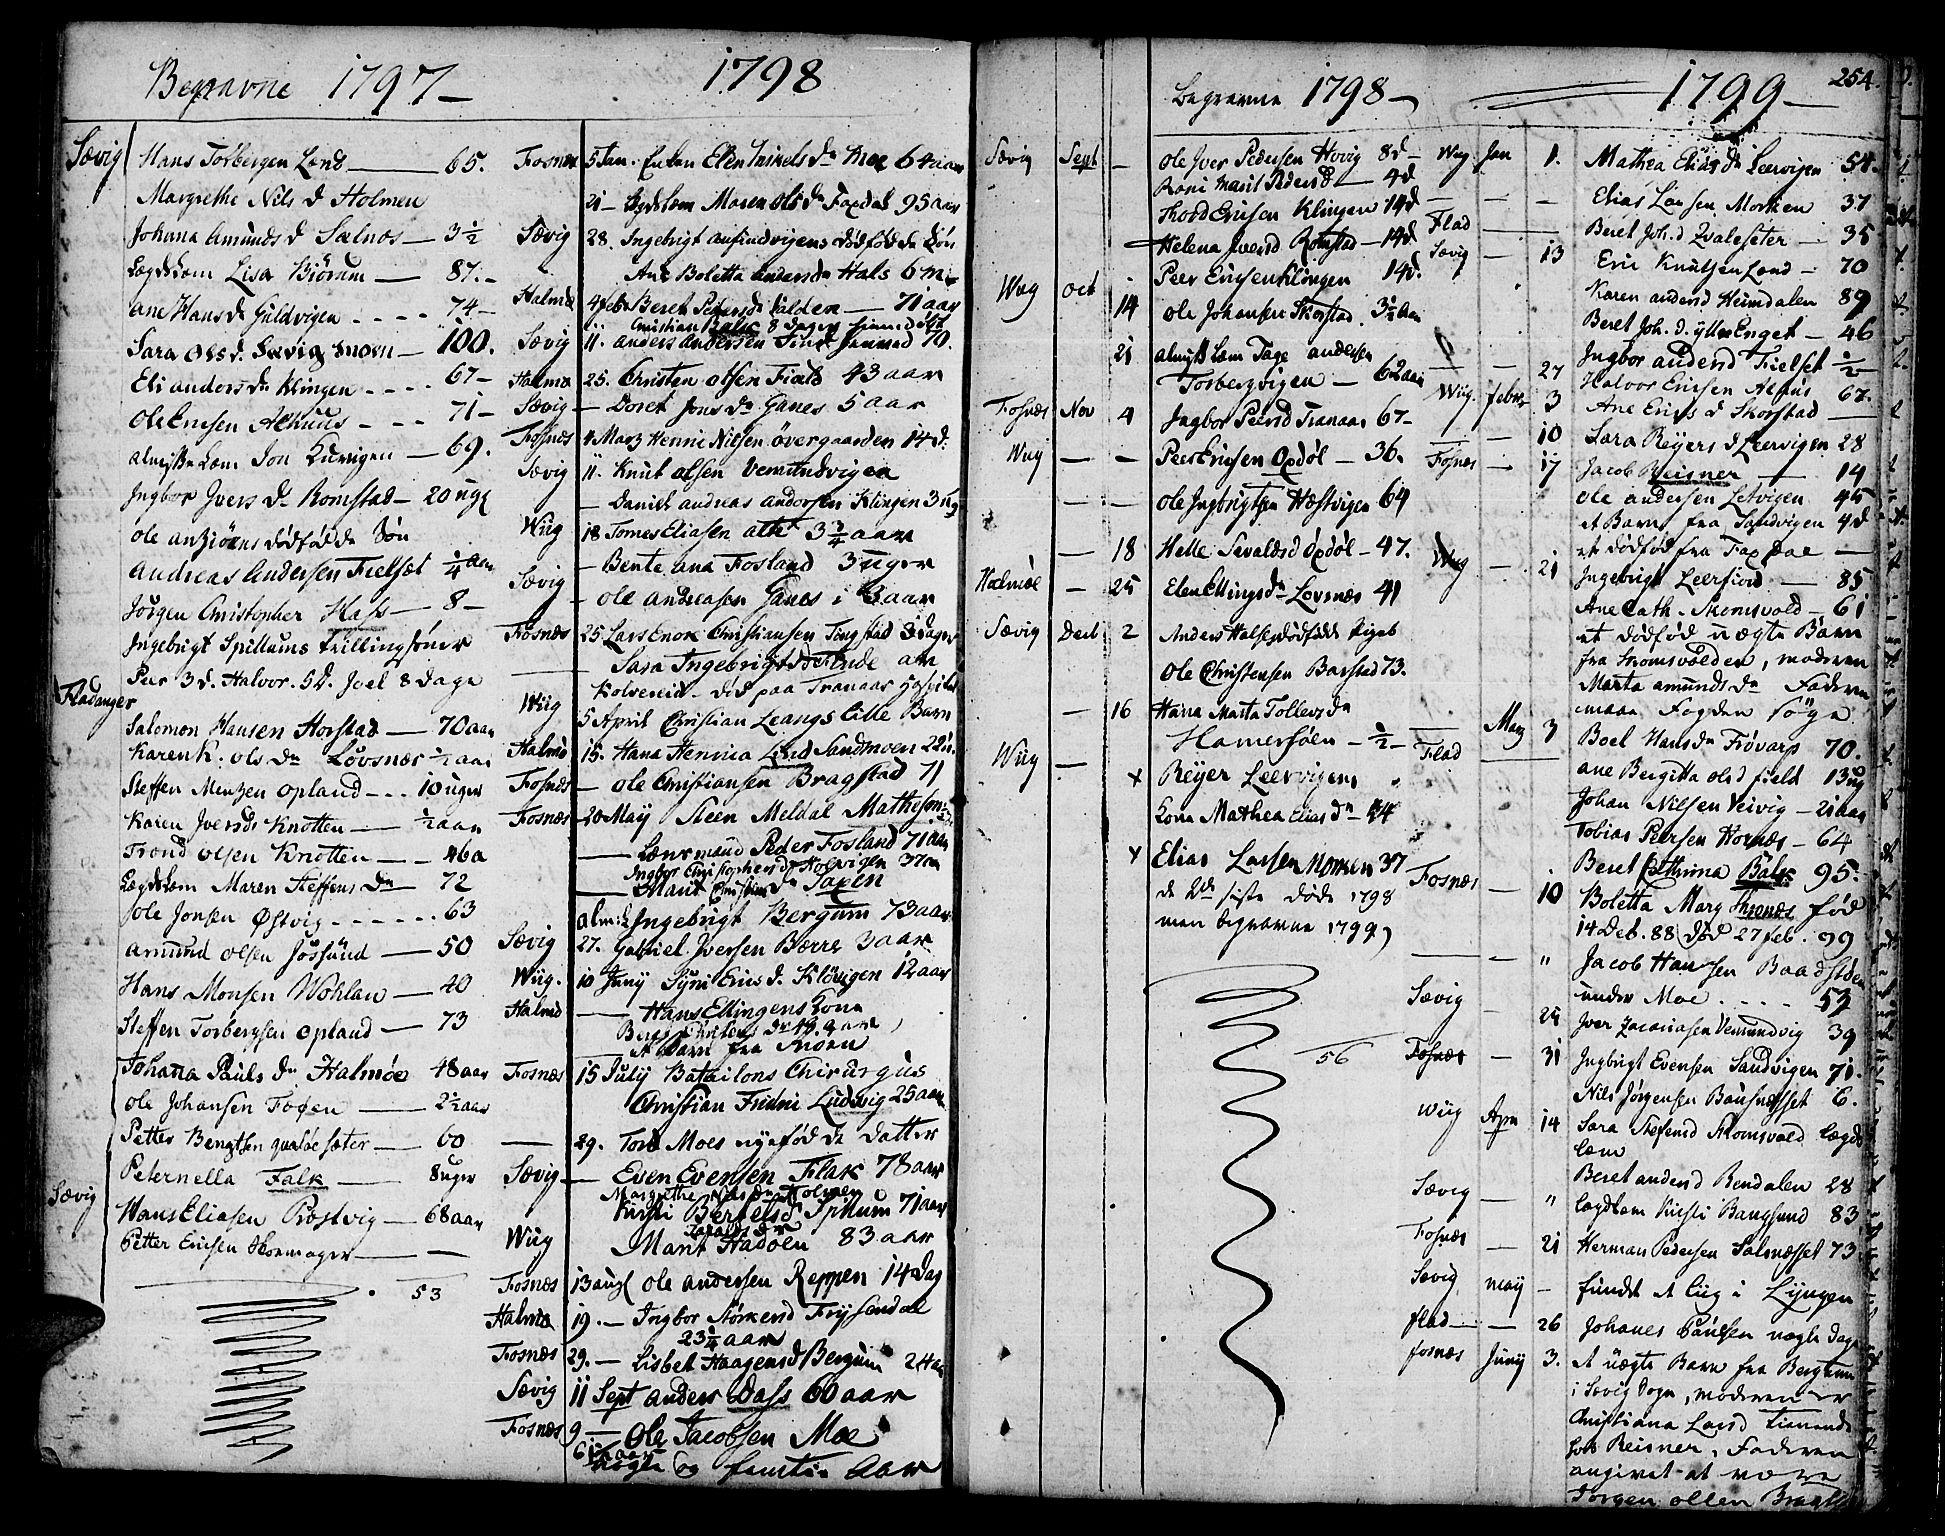 SAT, Ministerialprotokoller, klokkerbøker og fødselsregistre - Nord-Trøndelag, 773/L0608: Ministerialbok nr. 773A02, 1784-1816, s. 254